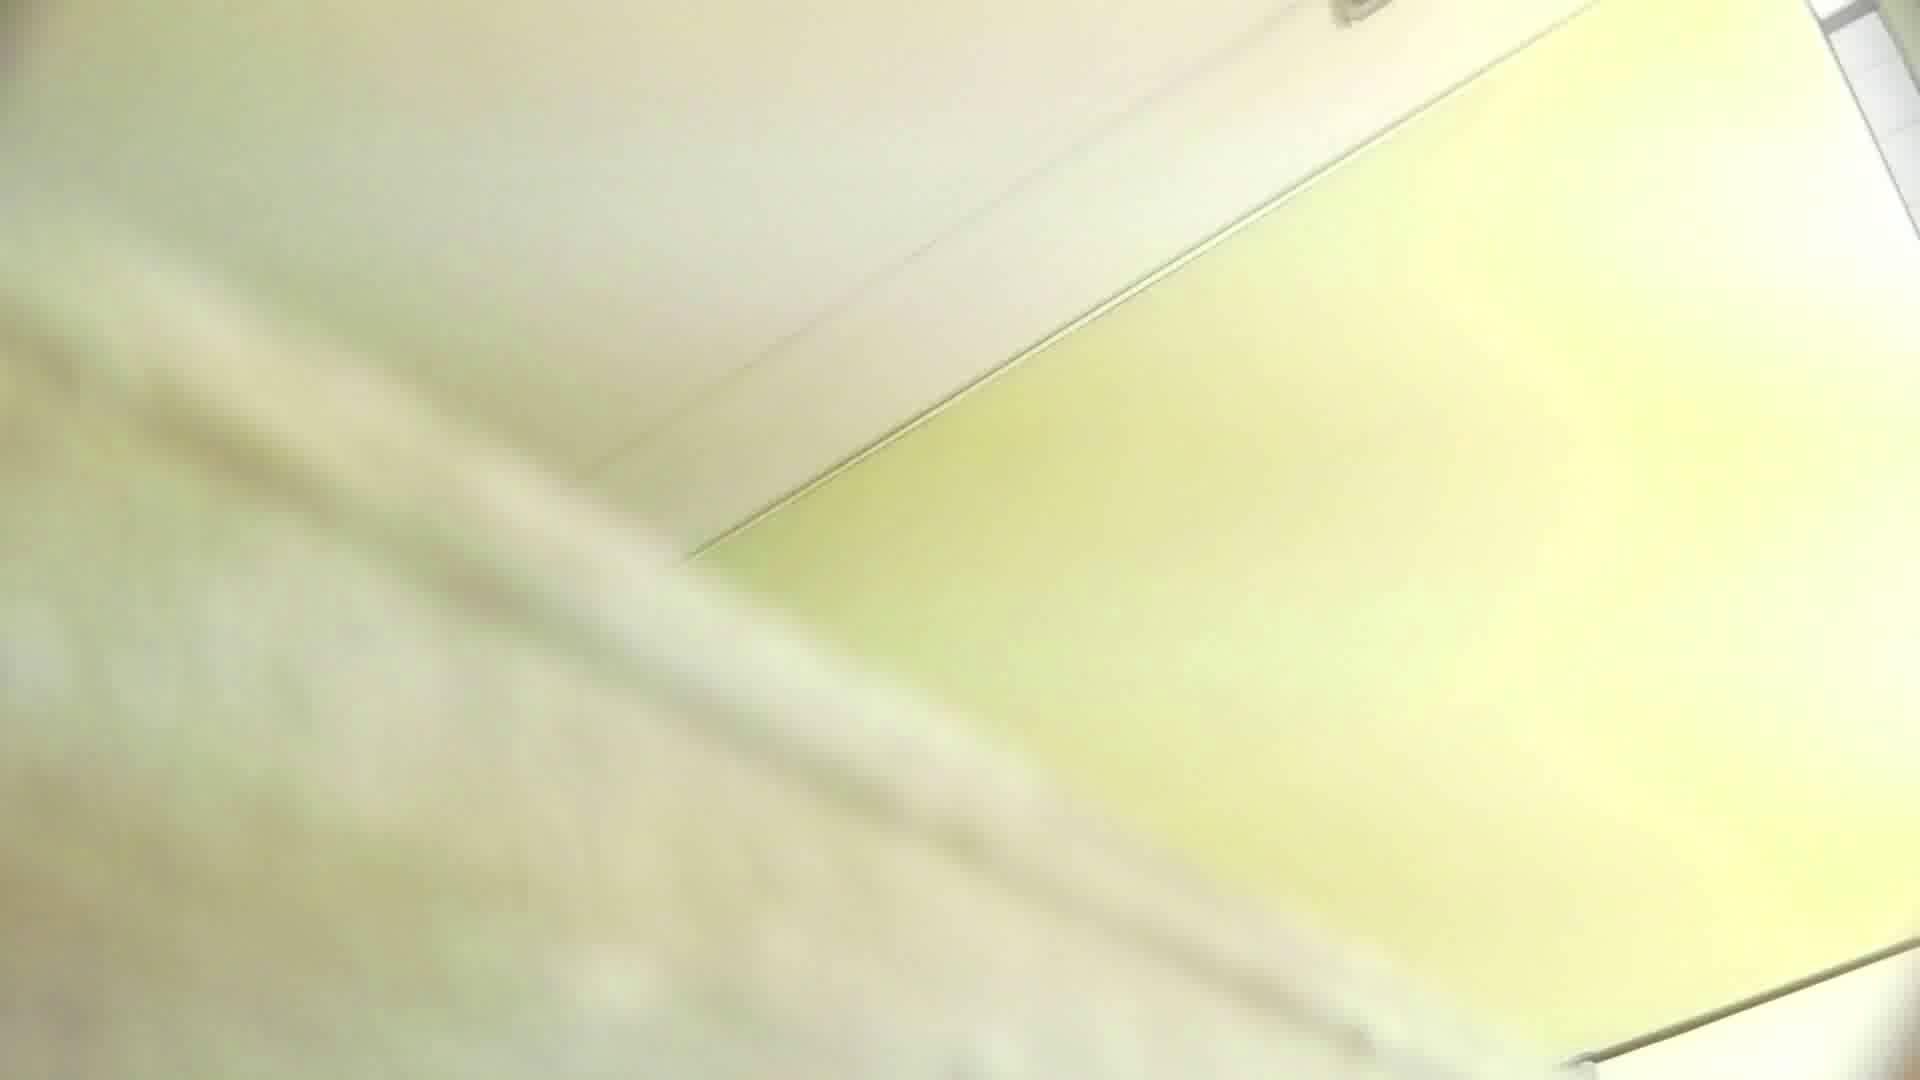 【美しき個室な世界】 vol.025 メガネ属性ヾ(´∀`)ノ HなOL  94pic 75